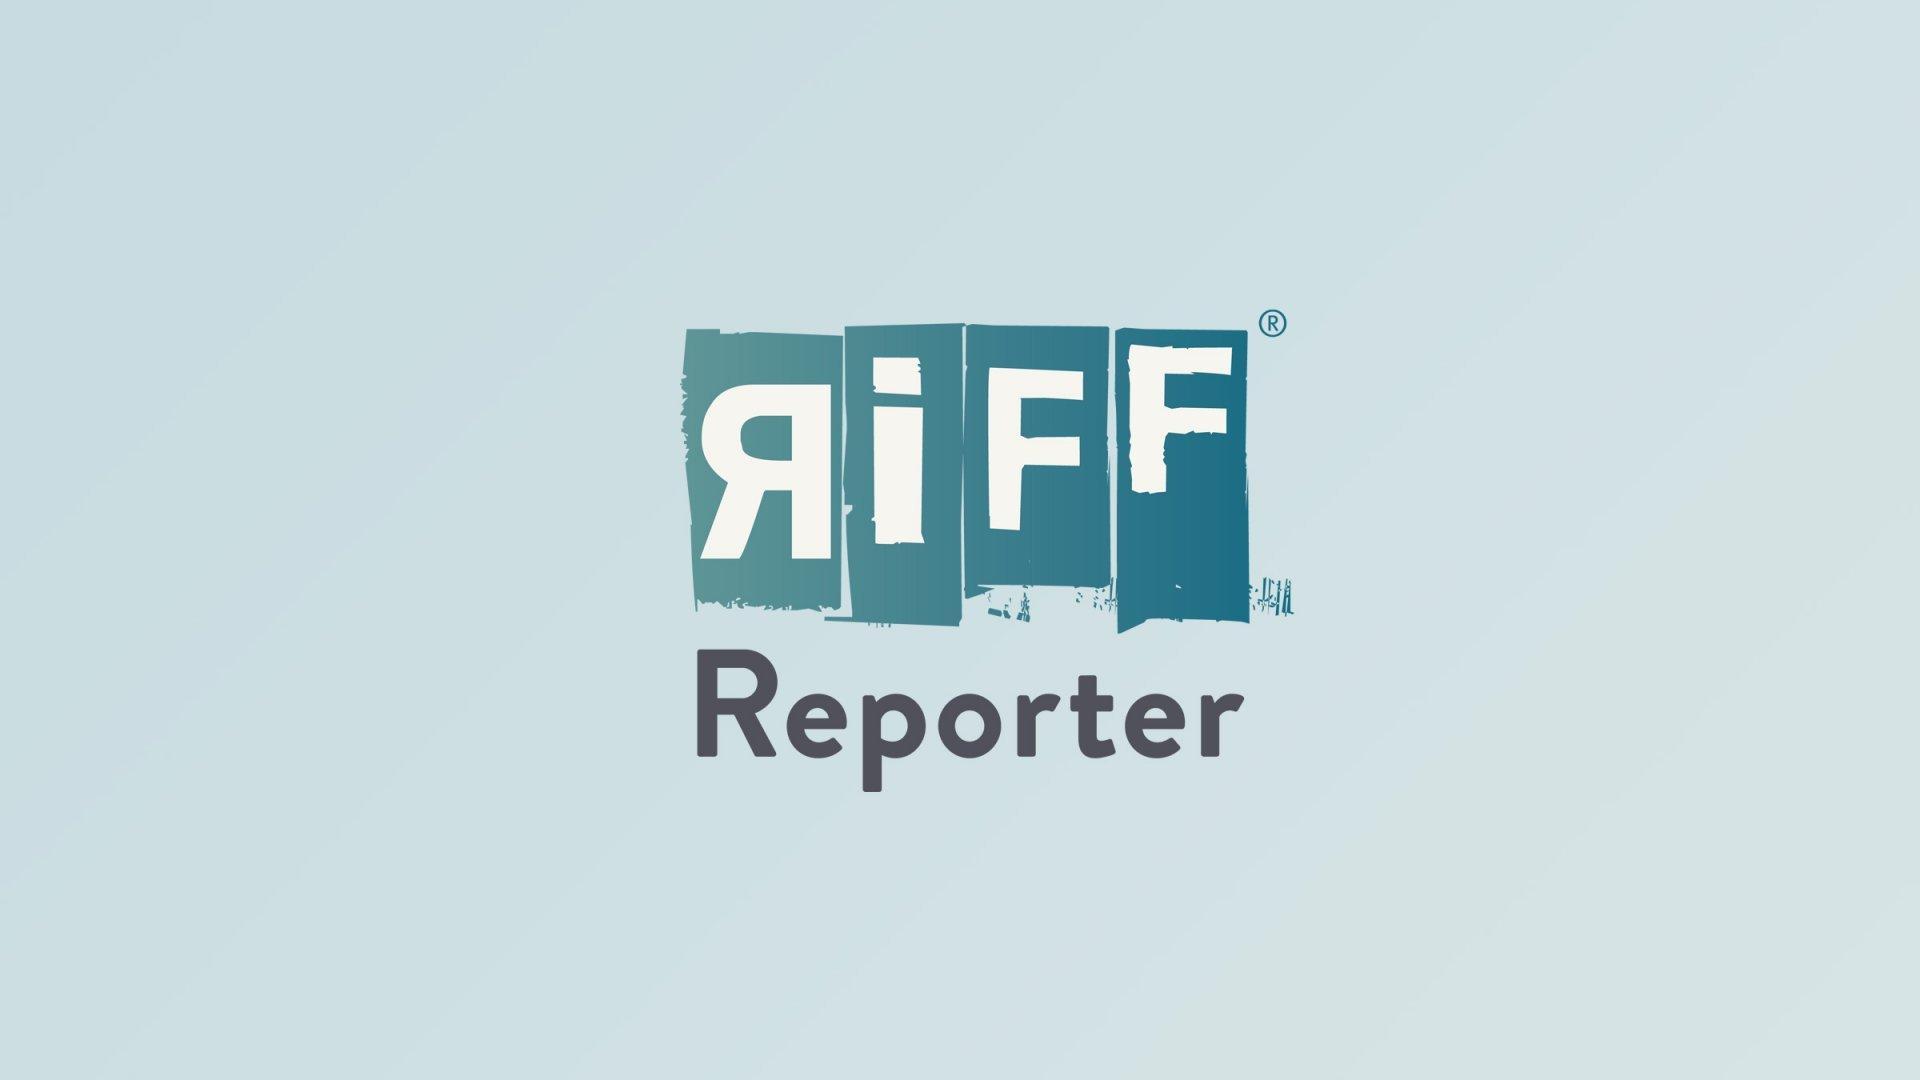 Künstliche Intelligenz wird oft mit einem Gehirn im Cyberlook illustriert.